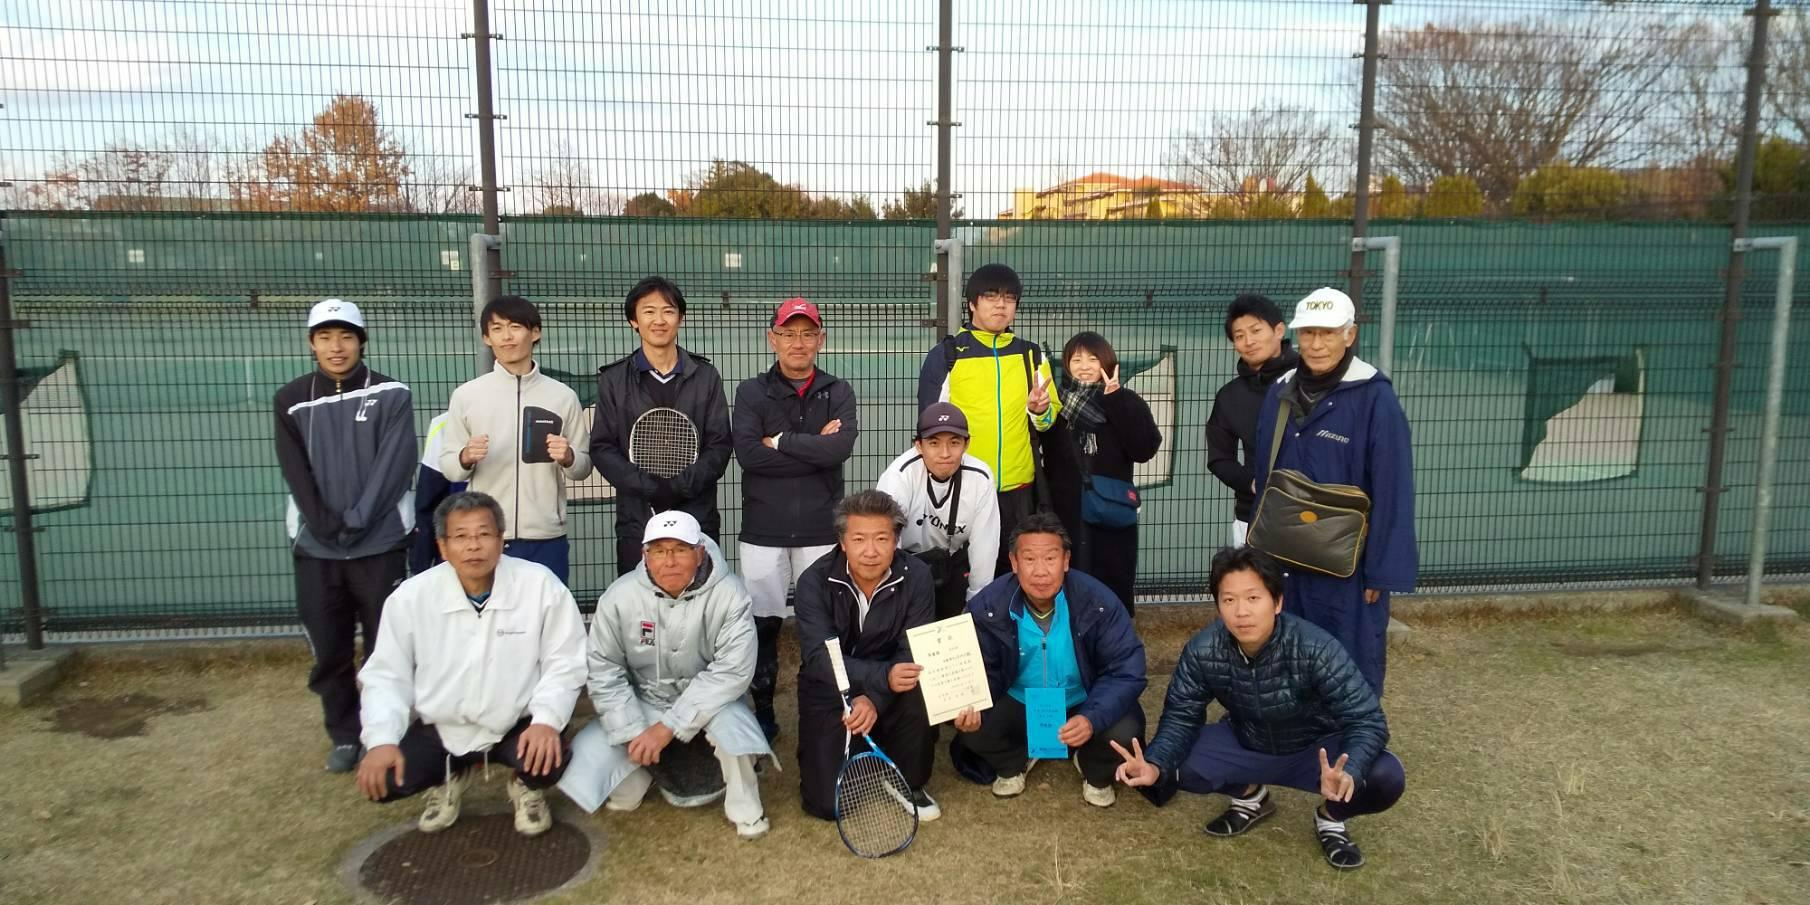 2019.12.15_東京都クラブ戦 12部へ昇格!